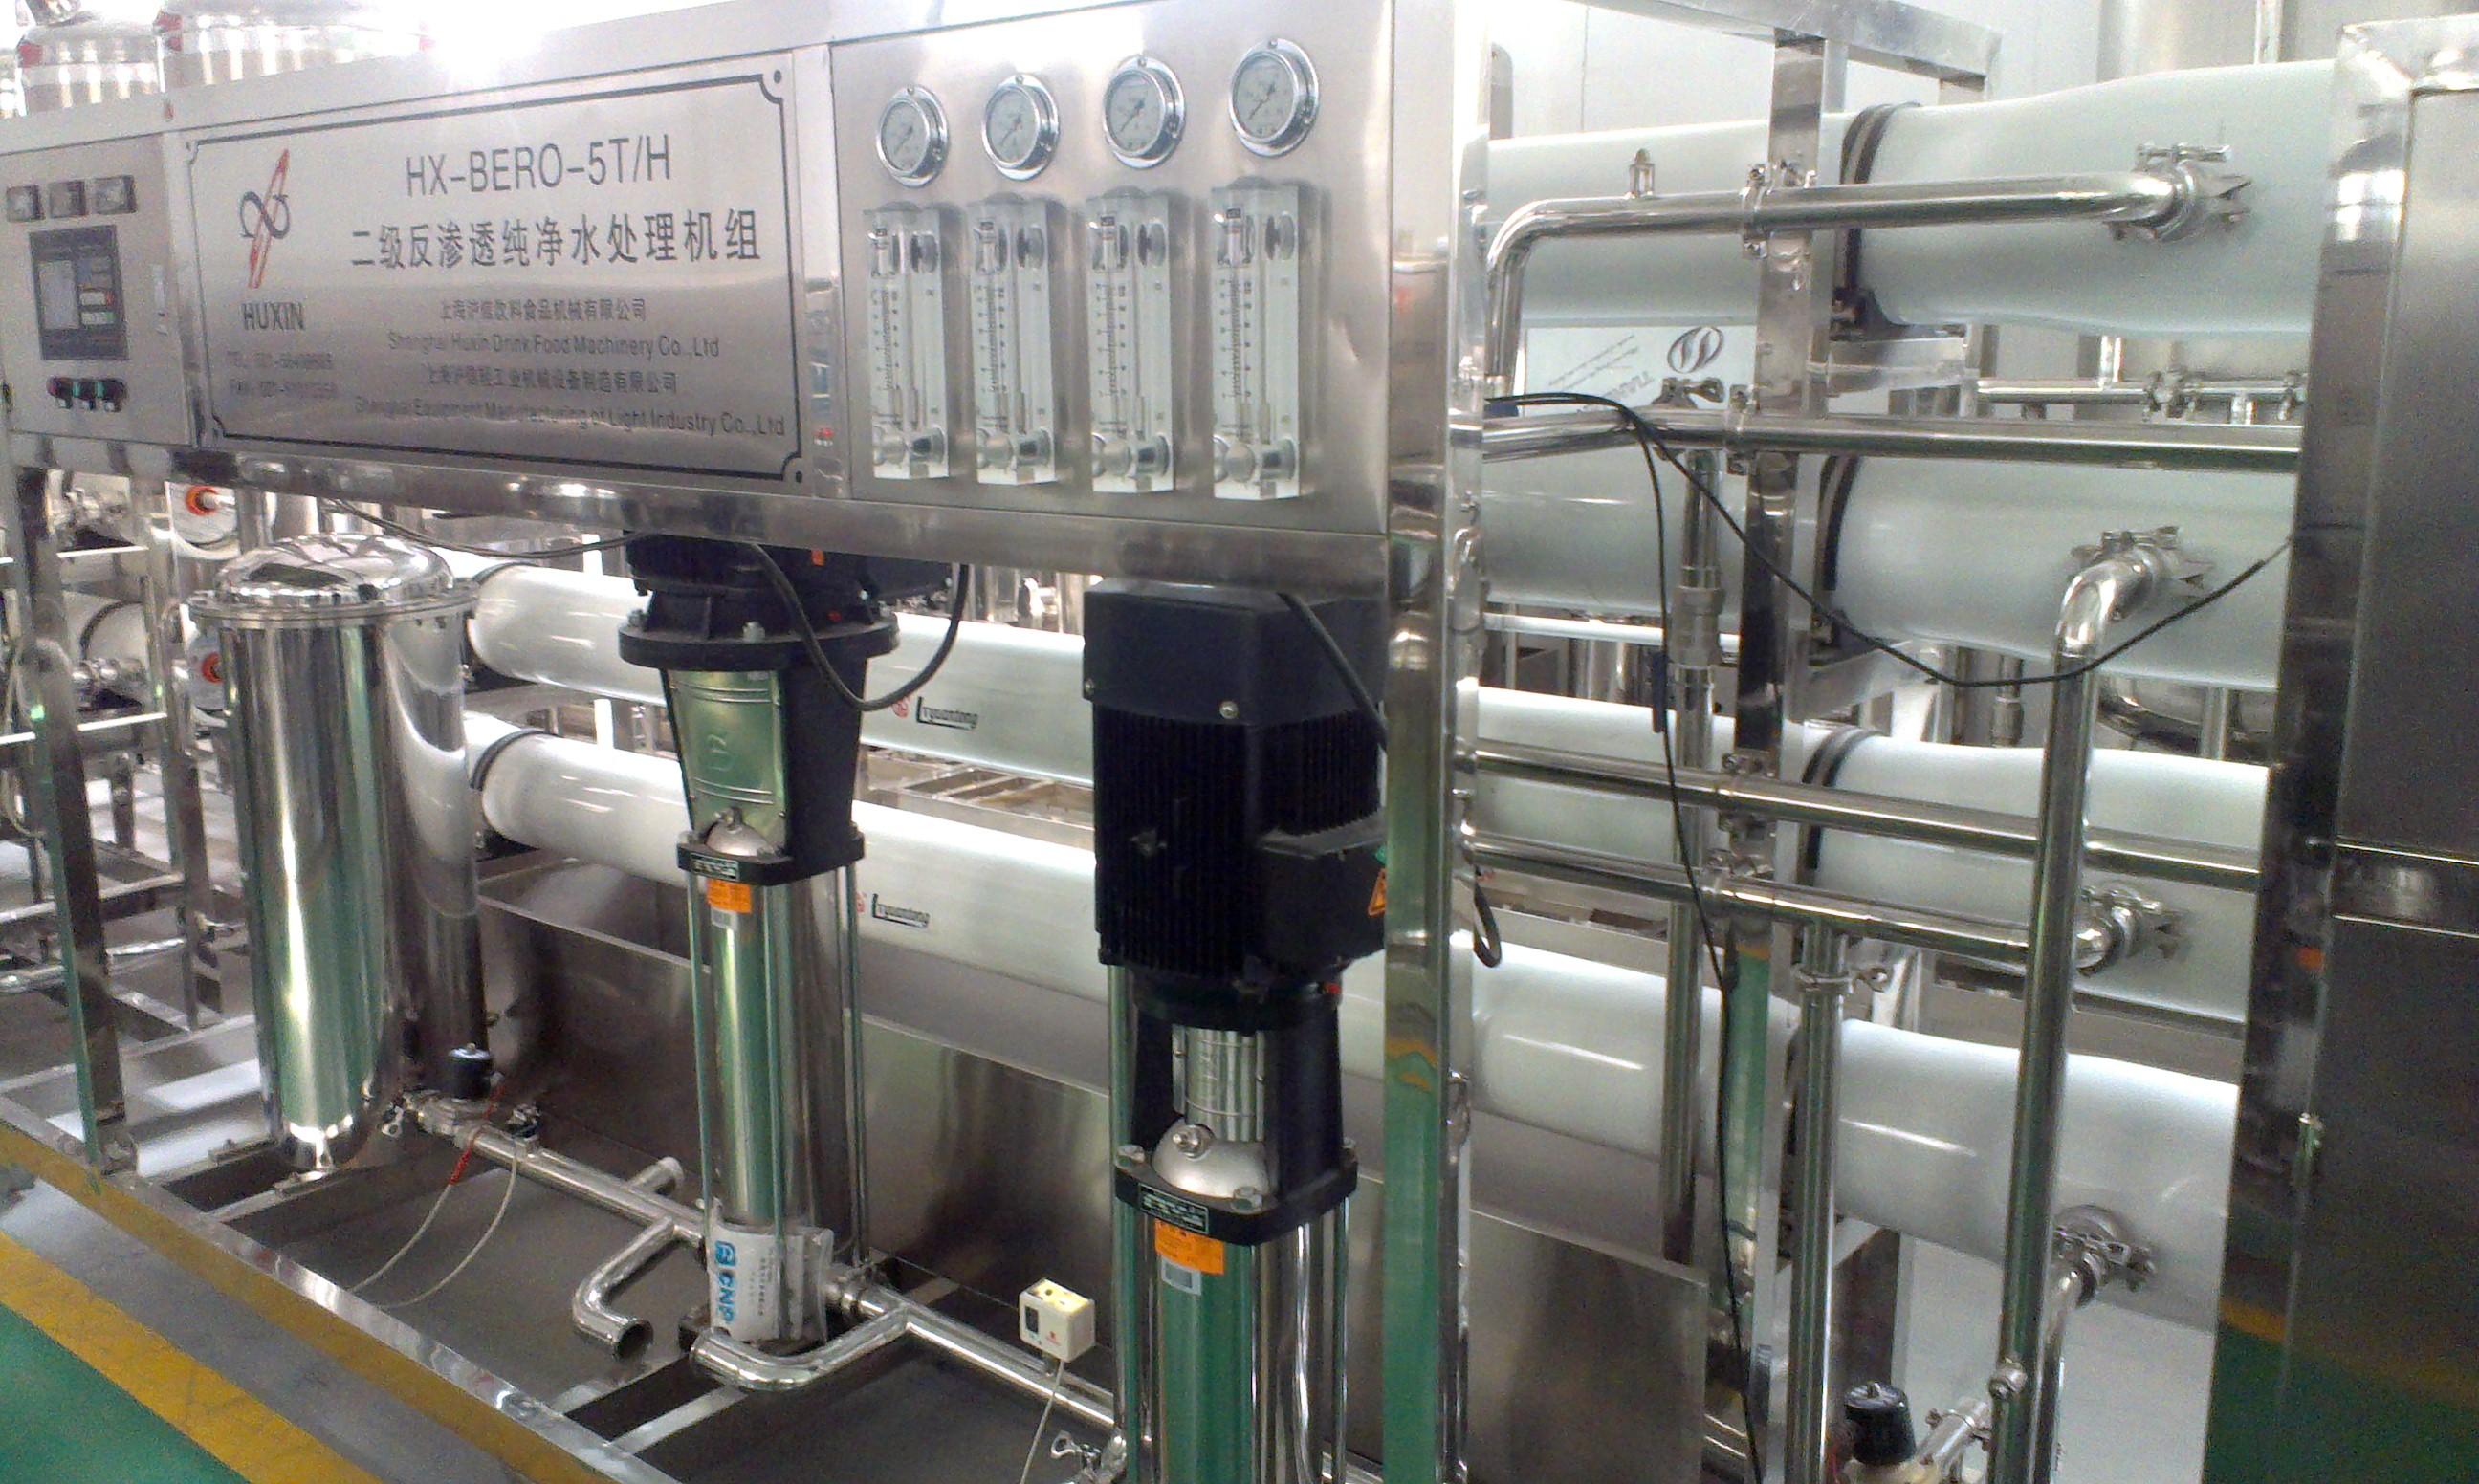 2013年1月3日,我公司跟山西维仕杰饮料有限公司签订纯净水设备供货合同。